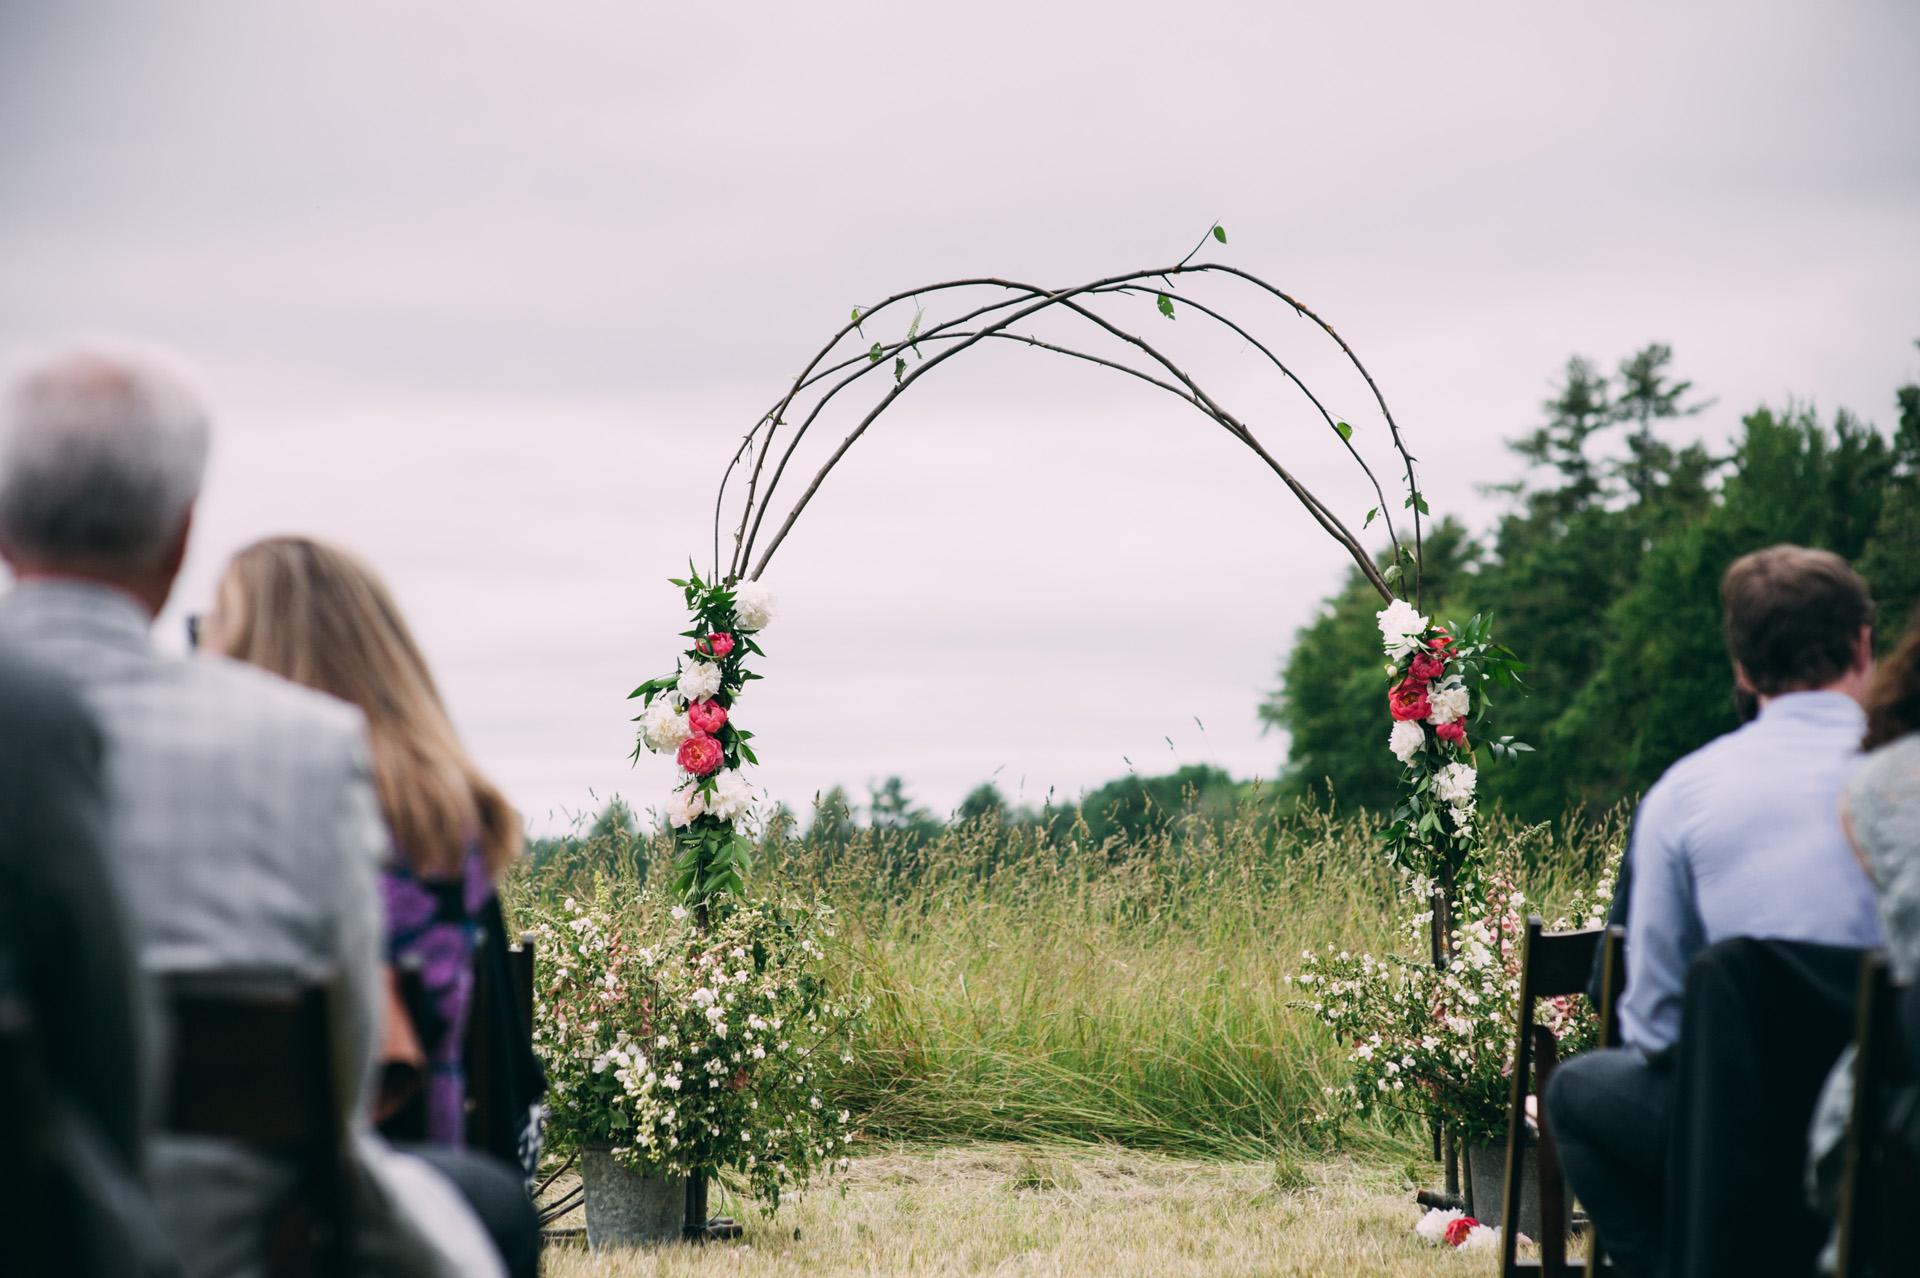 broadturn-farm-wedding-32